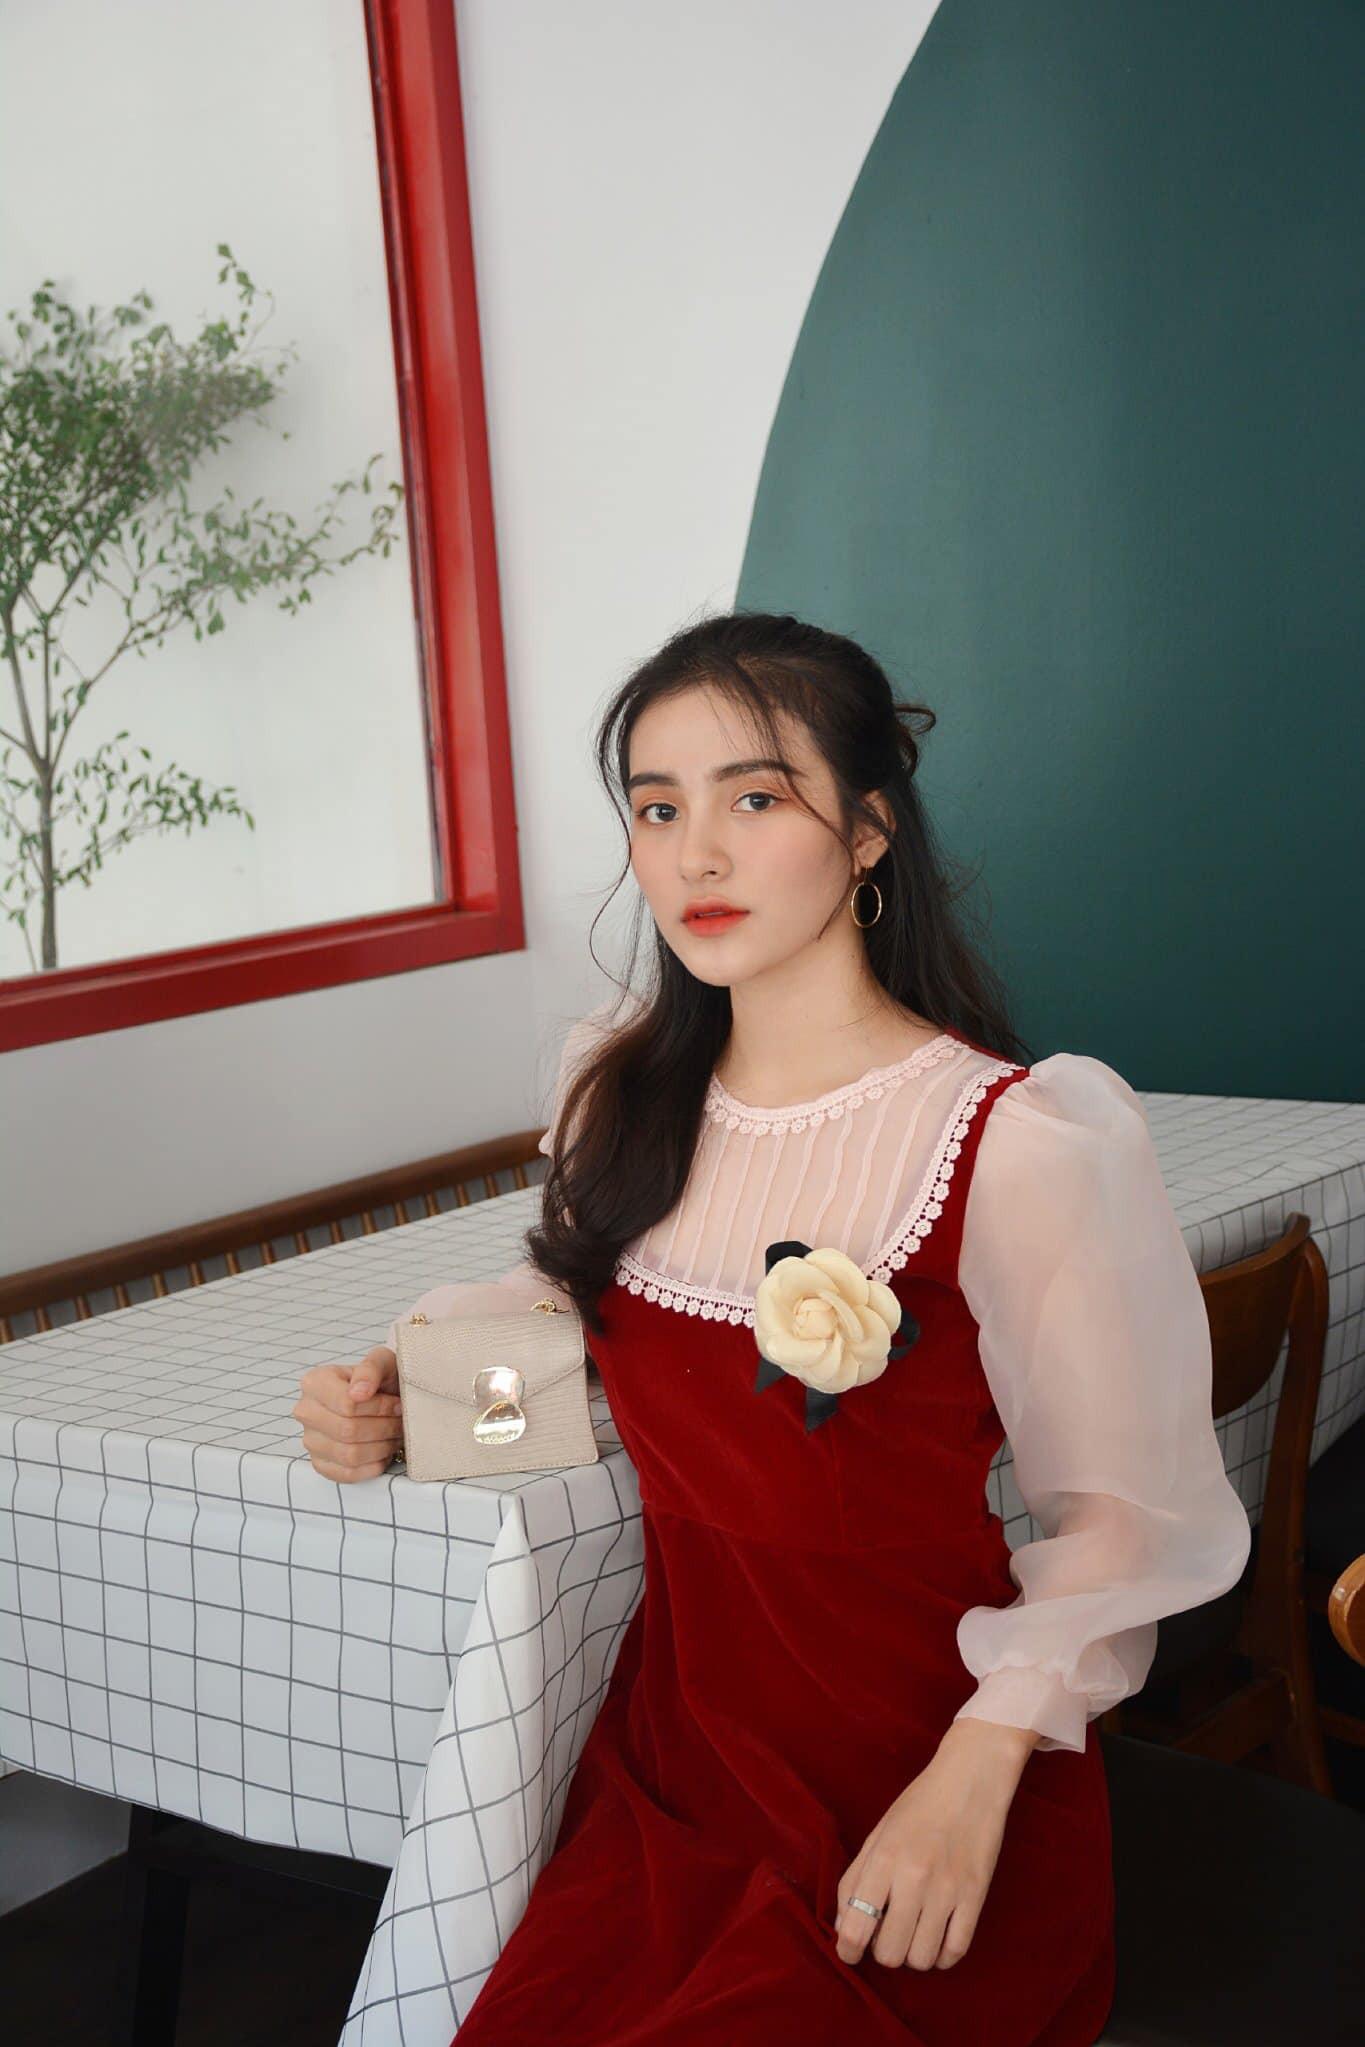 """Nữ sinh Tiền Giang """"gây bão tranh cãi"""" vì quá xinh đẹp, được dự đoán làm hoa hậu - 11"""